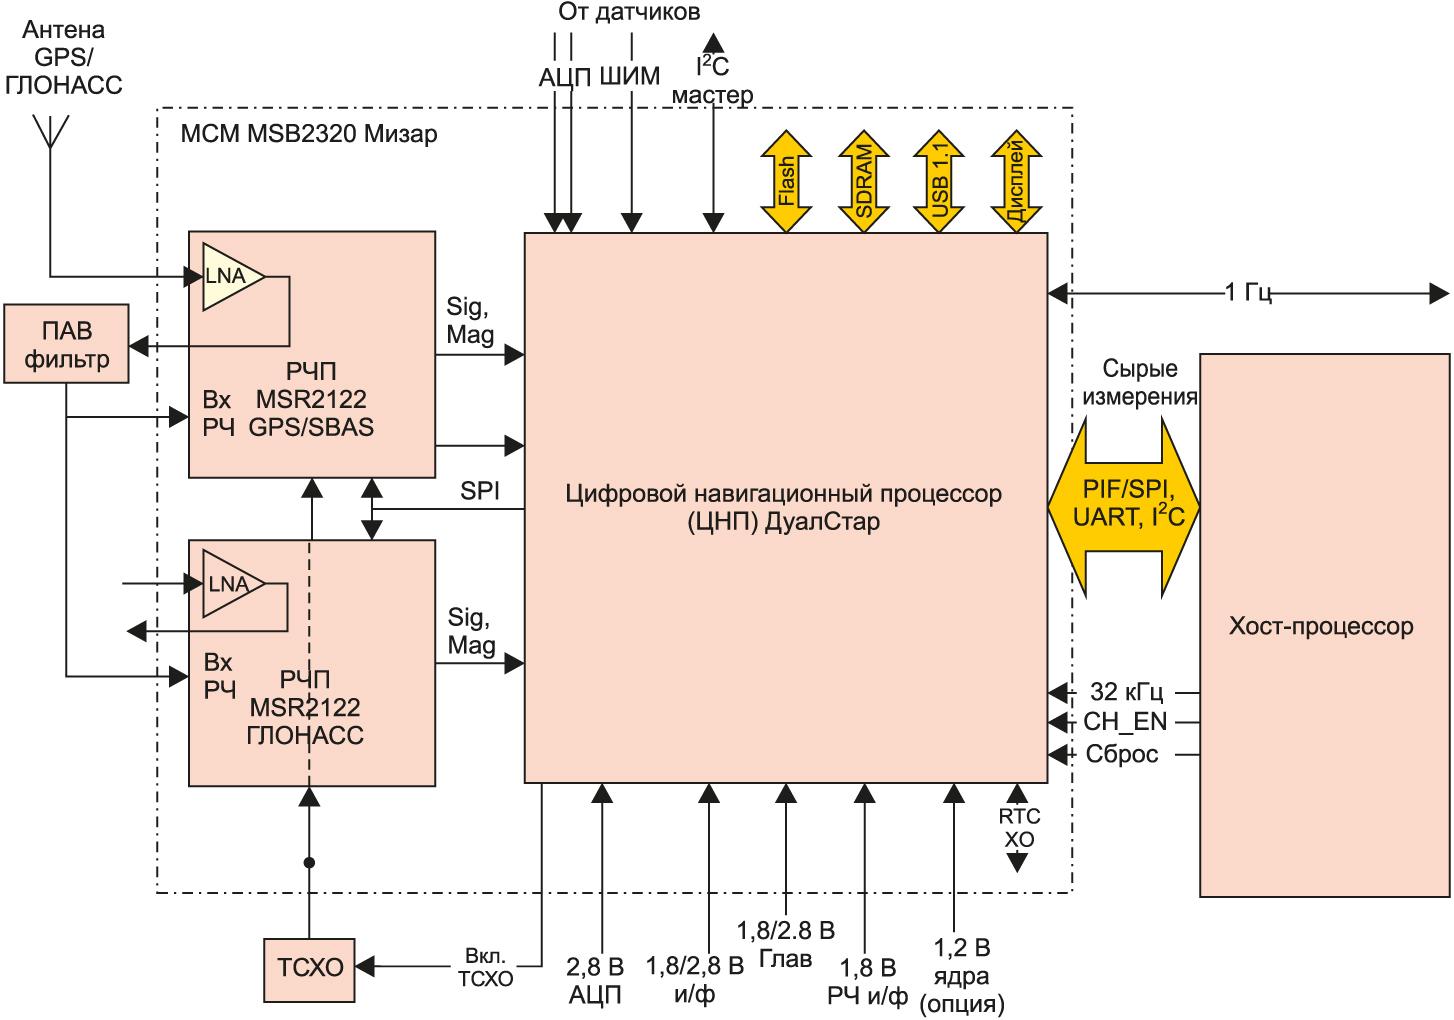 Блок-схема МСМ host-based варианта приемника